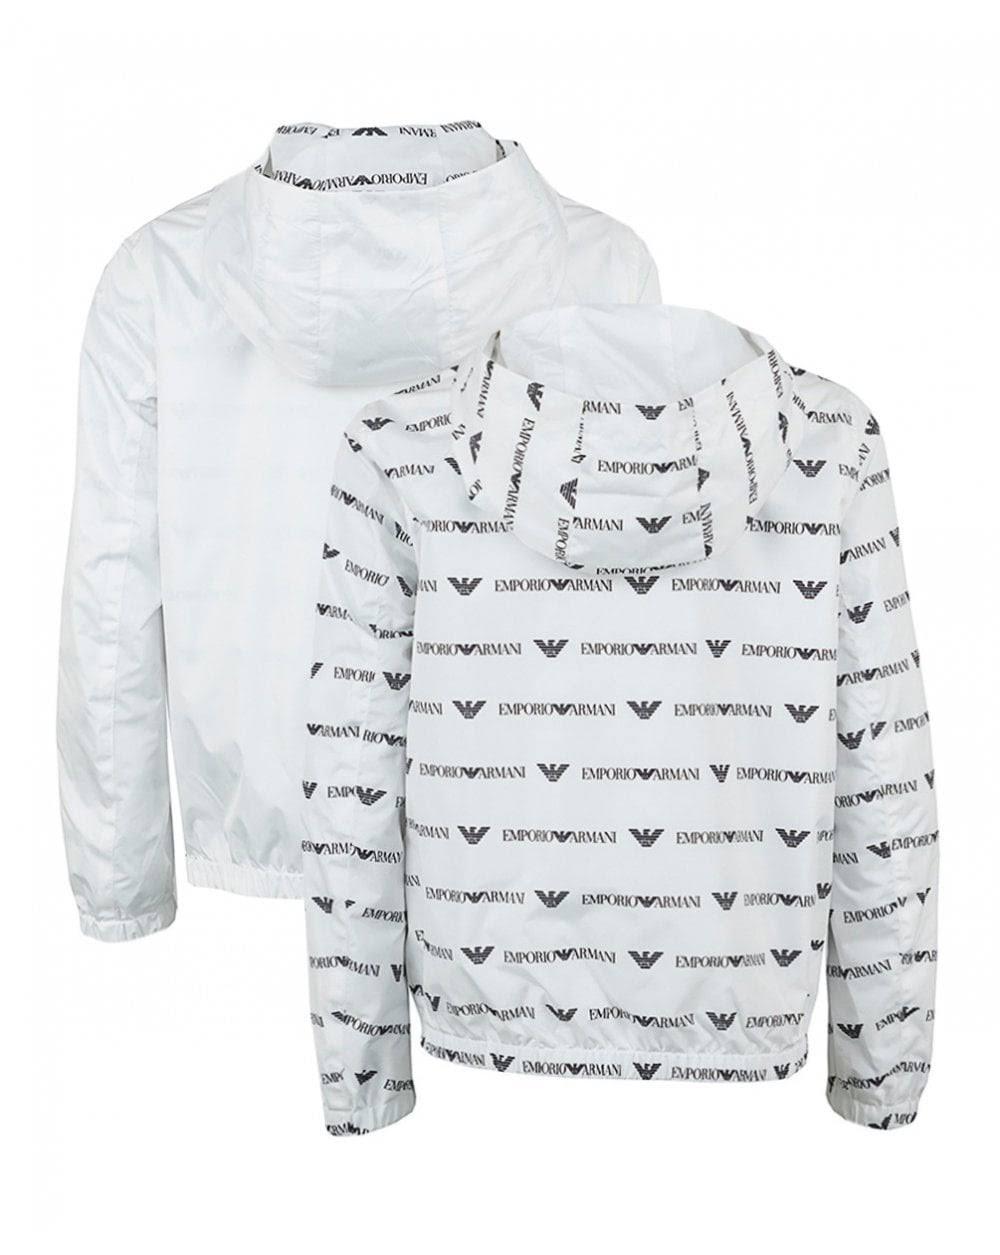 Polyester Armani Emporio Tamaño Blouson Blanco Men 14 qxpSxf